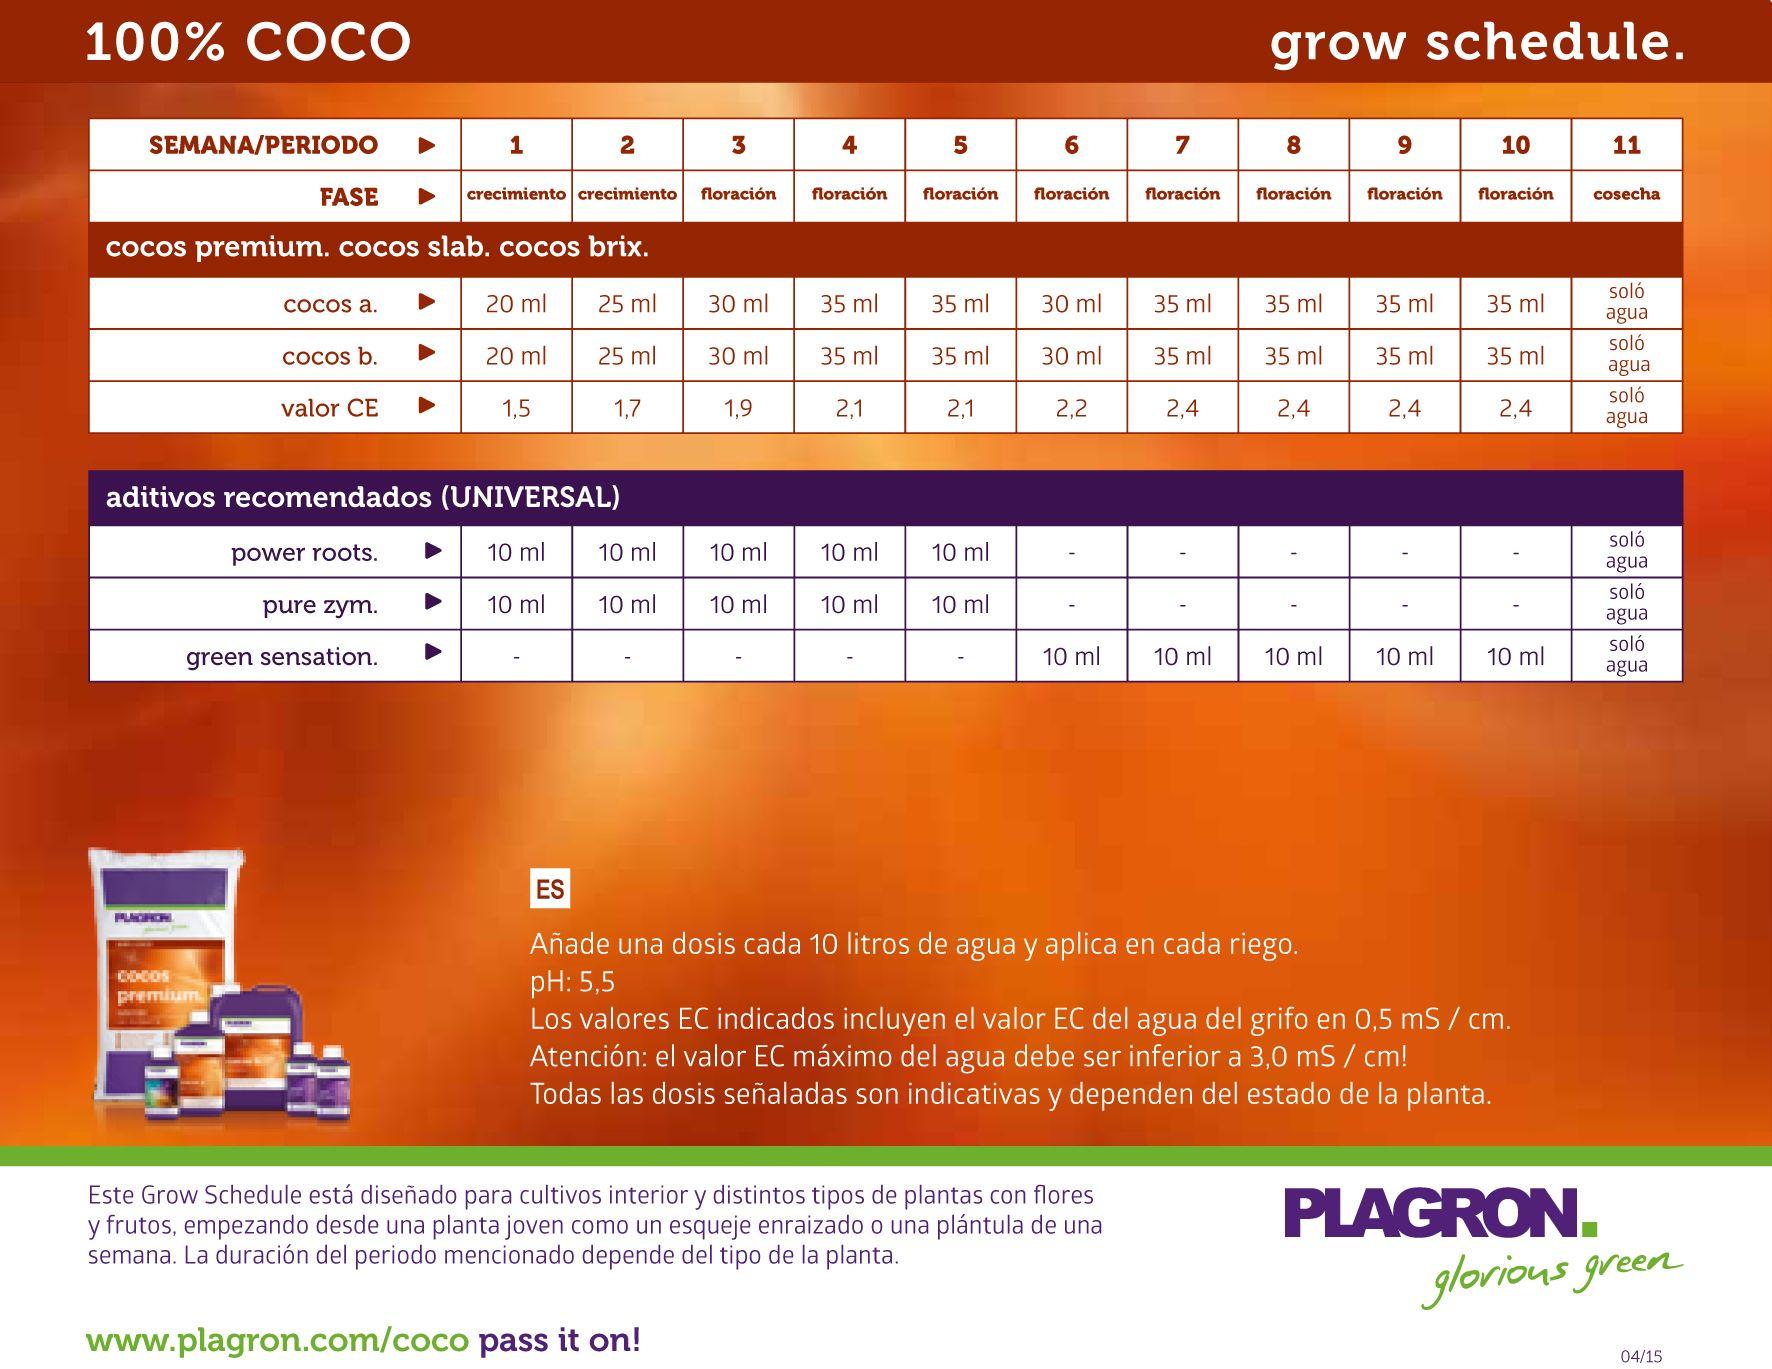 Tabla cultivo Plagron Coco